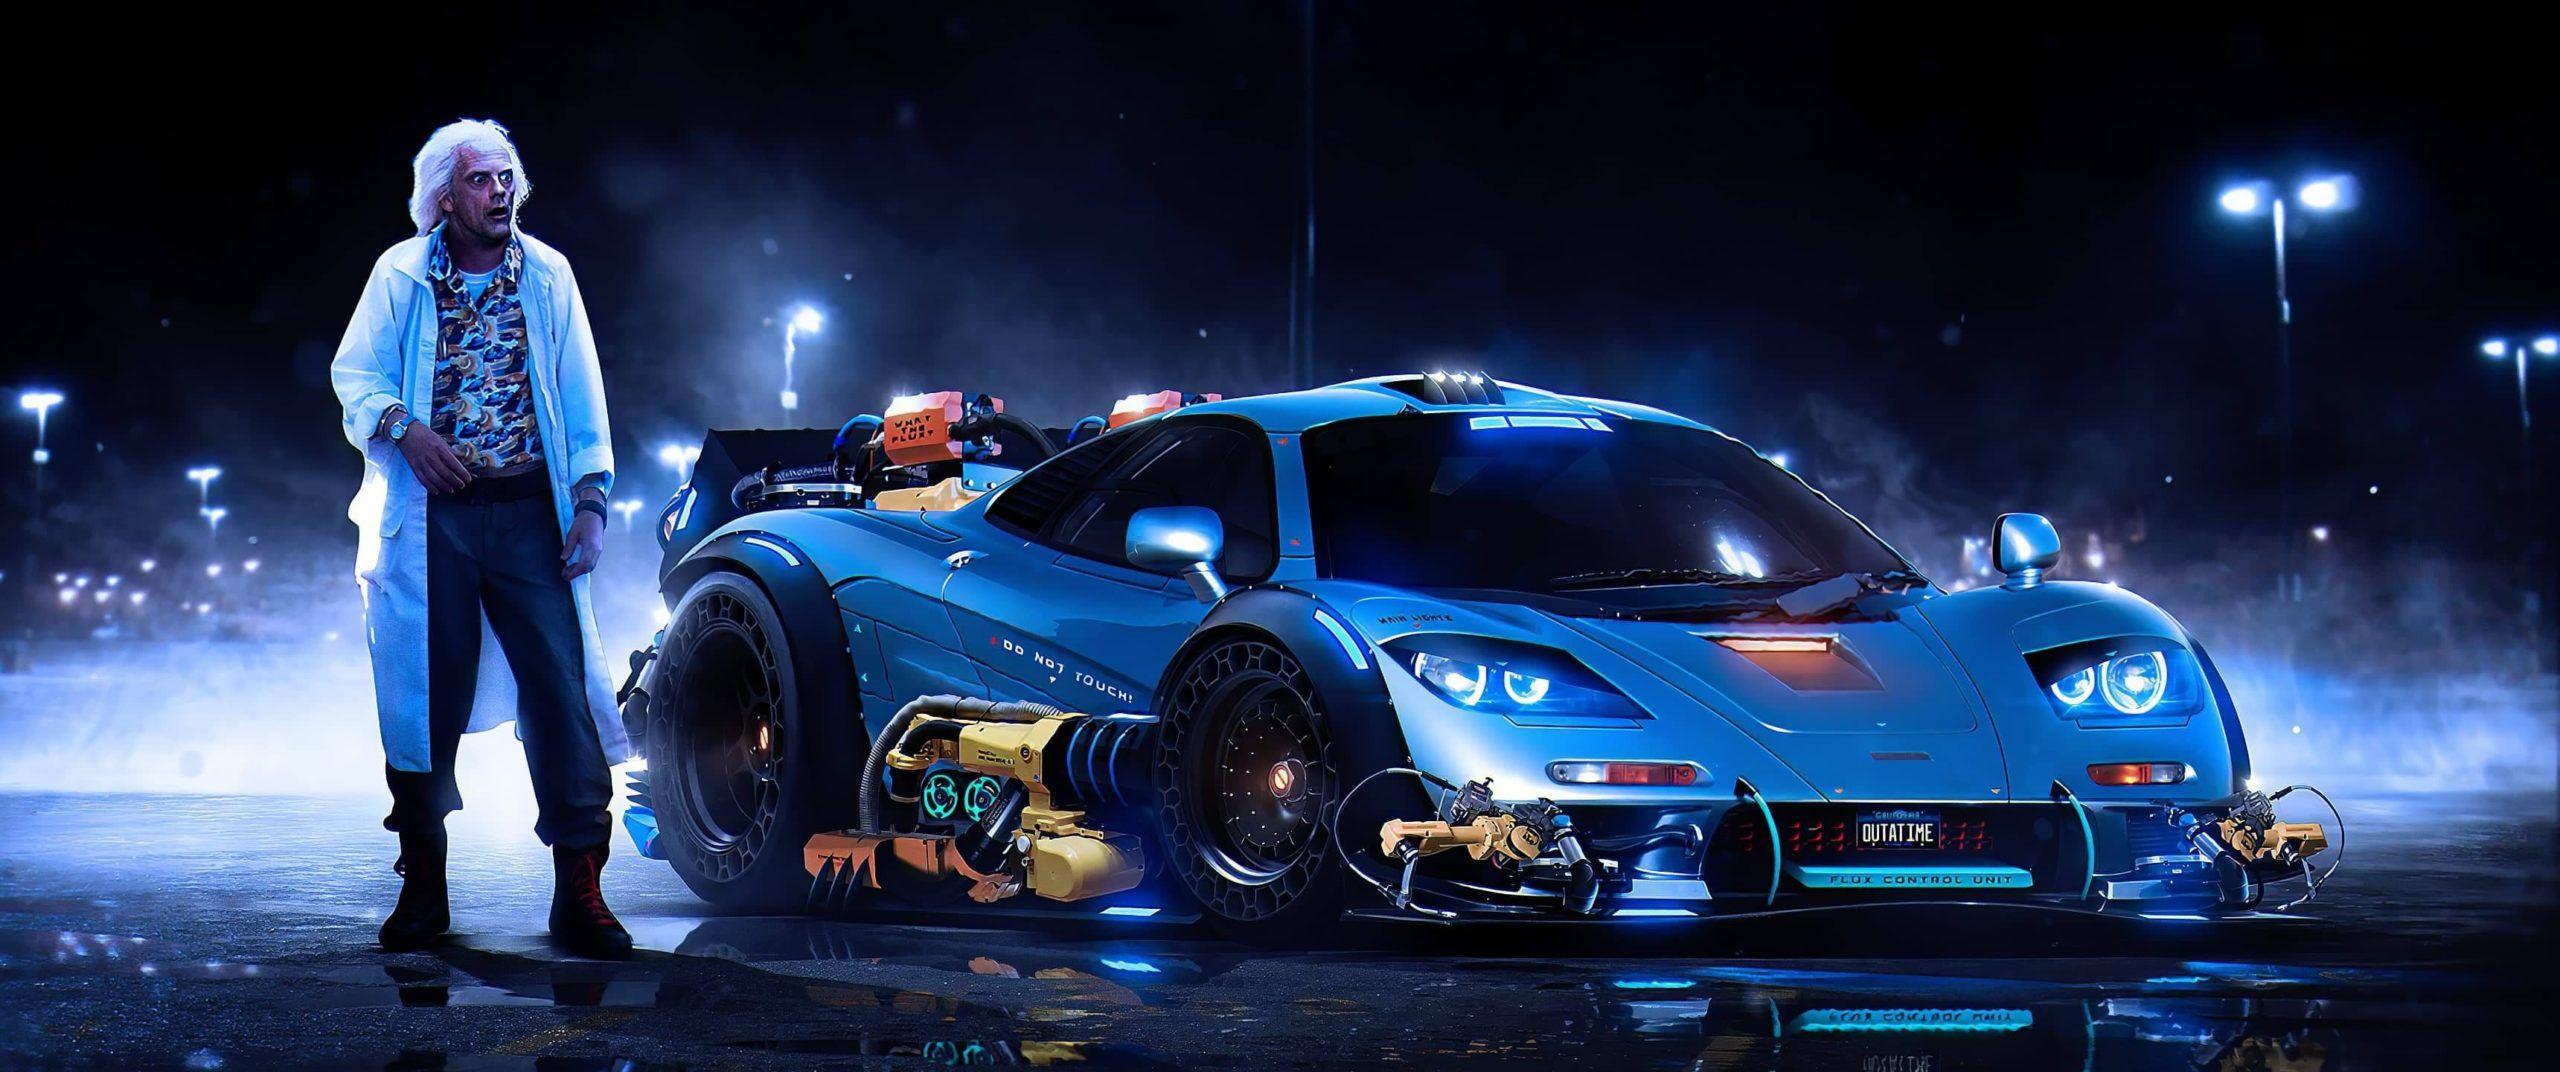 超ワイド21 9壁紙コレクション 3440 定期的に更新 Cartuningdraw 超ワイド219壁紙コレクション3440定期的に更新 In Car Artwork Back To The Future Concept Cars